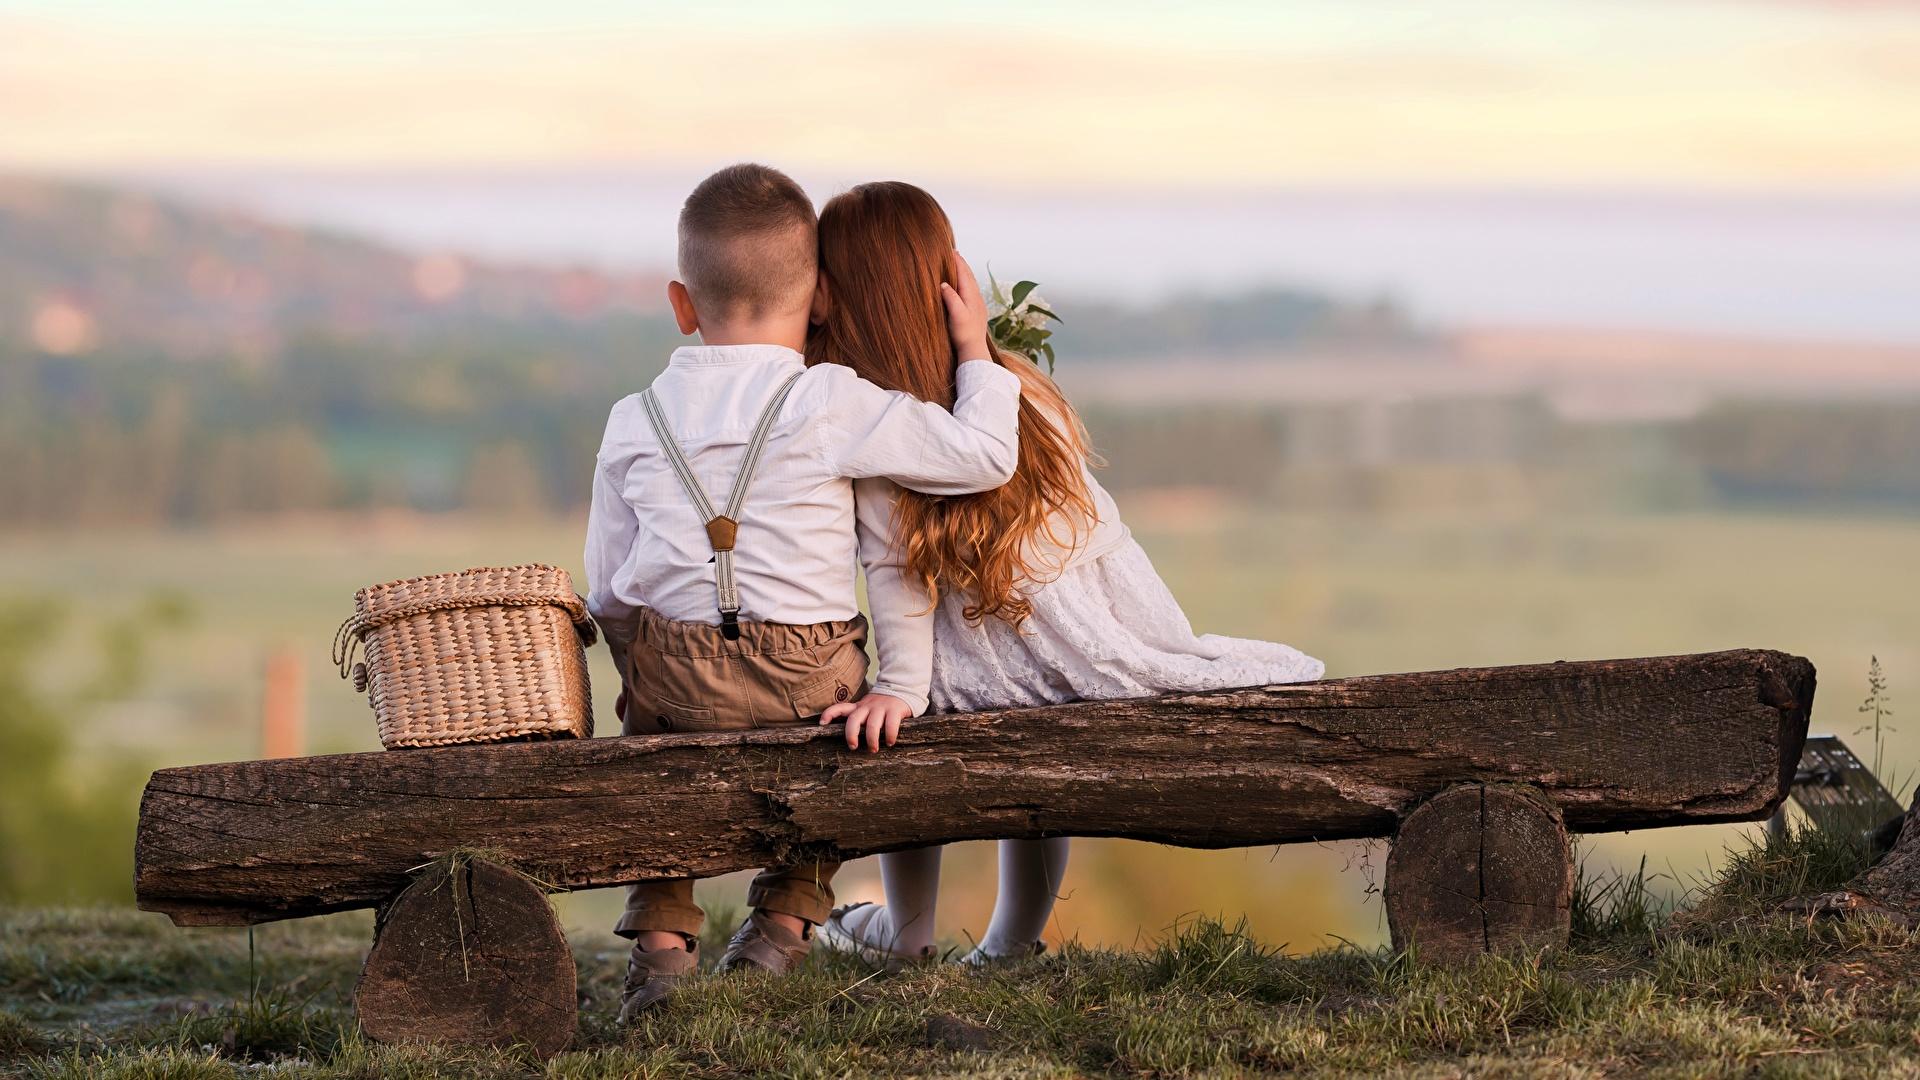 Фотография Девочки Мальчики Ребёнок Двое Любовь Объятие вид Скамья сидящие 1920x1080 Дети 2 вдвоем Сидит Сзади Скамейка